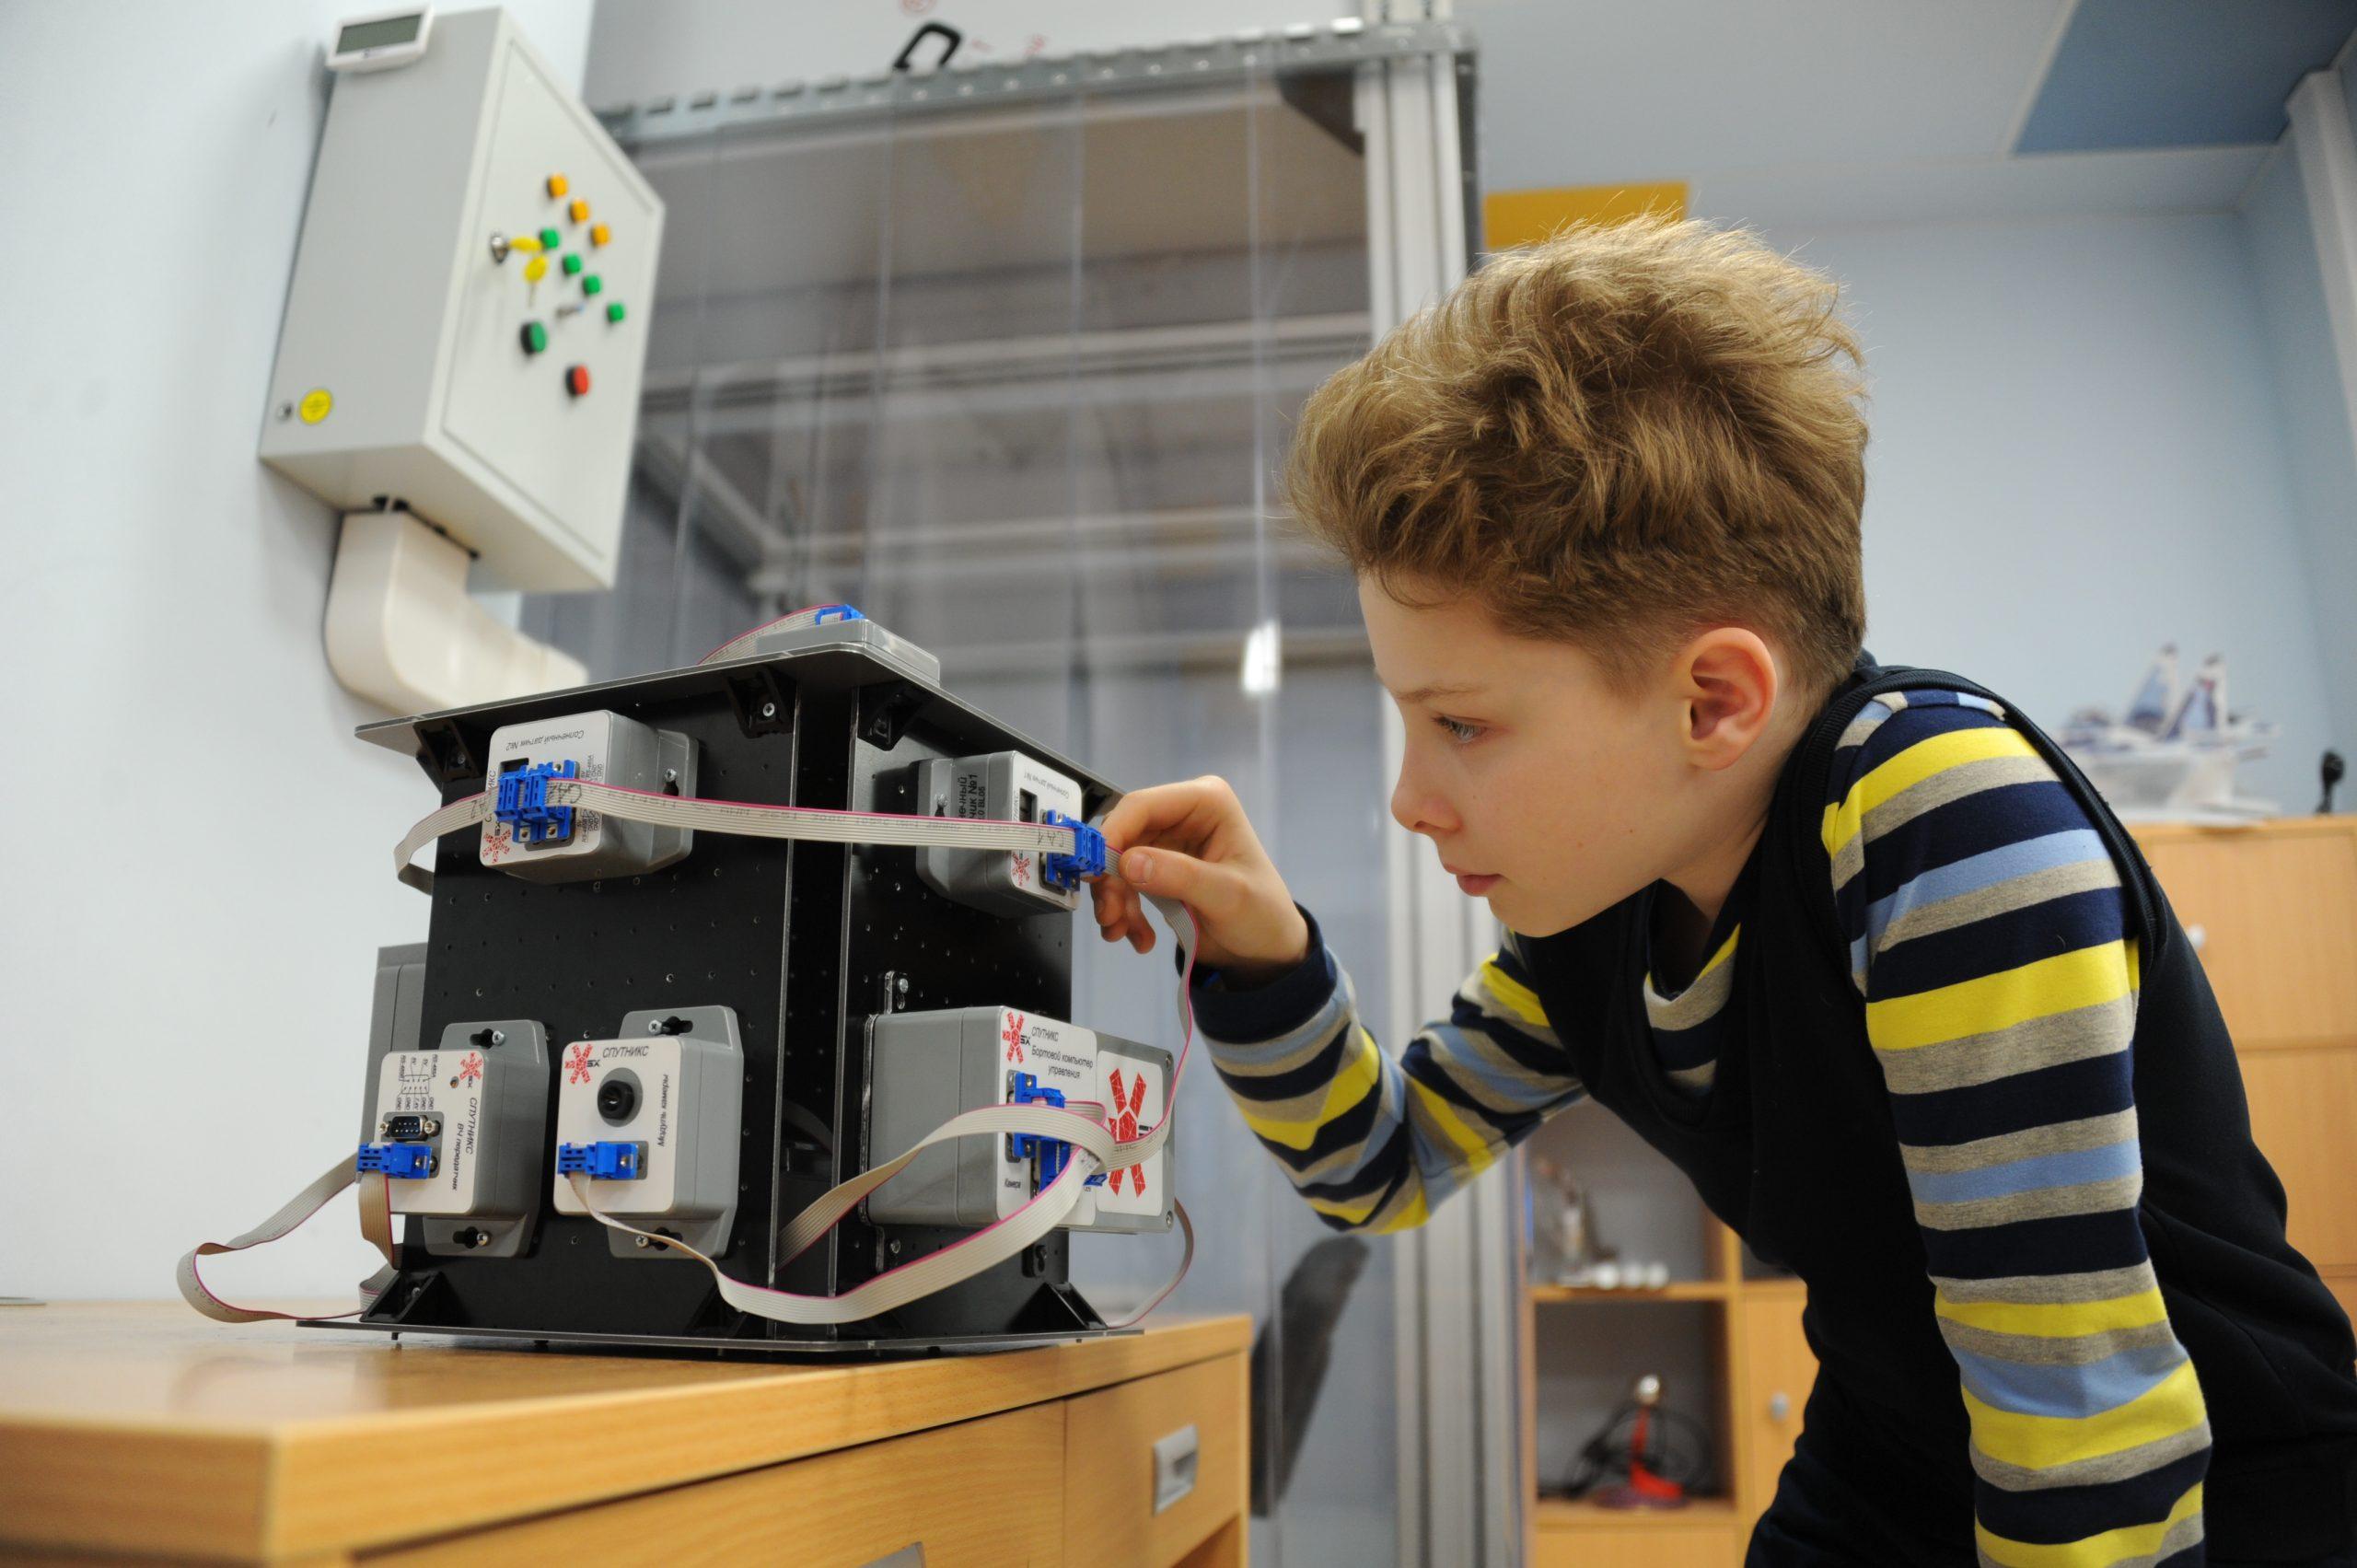 Команда детского технопарка «Мосгормаш» стала победителем в первенстве по моделированию